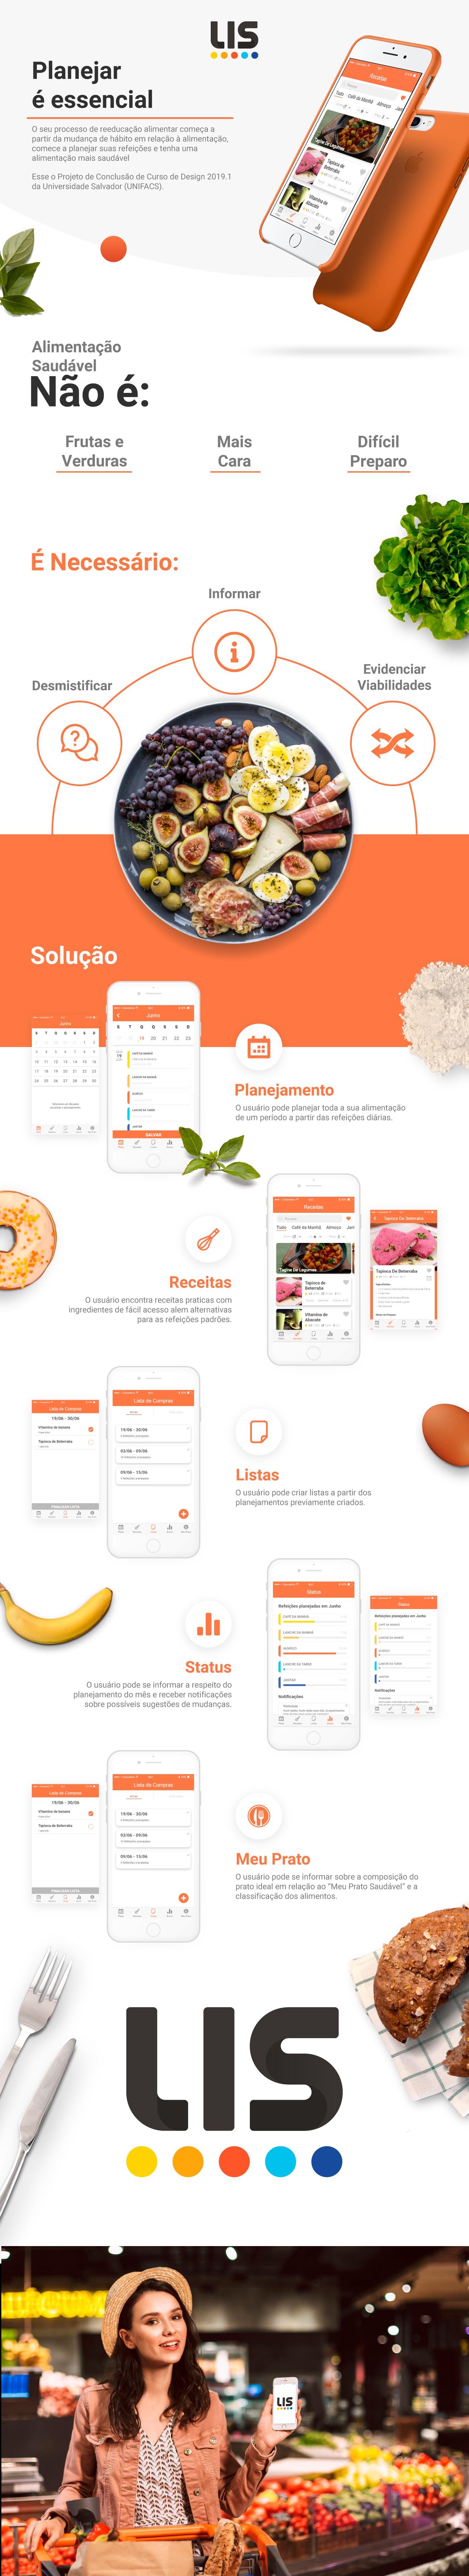 food app,mobile,Food ,app,UI,ux,concept,healthy,alimentação,saúde